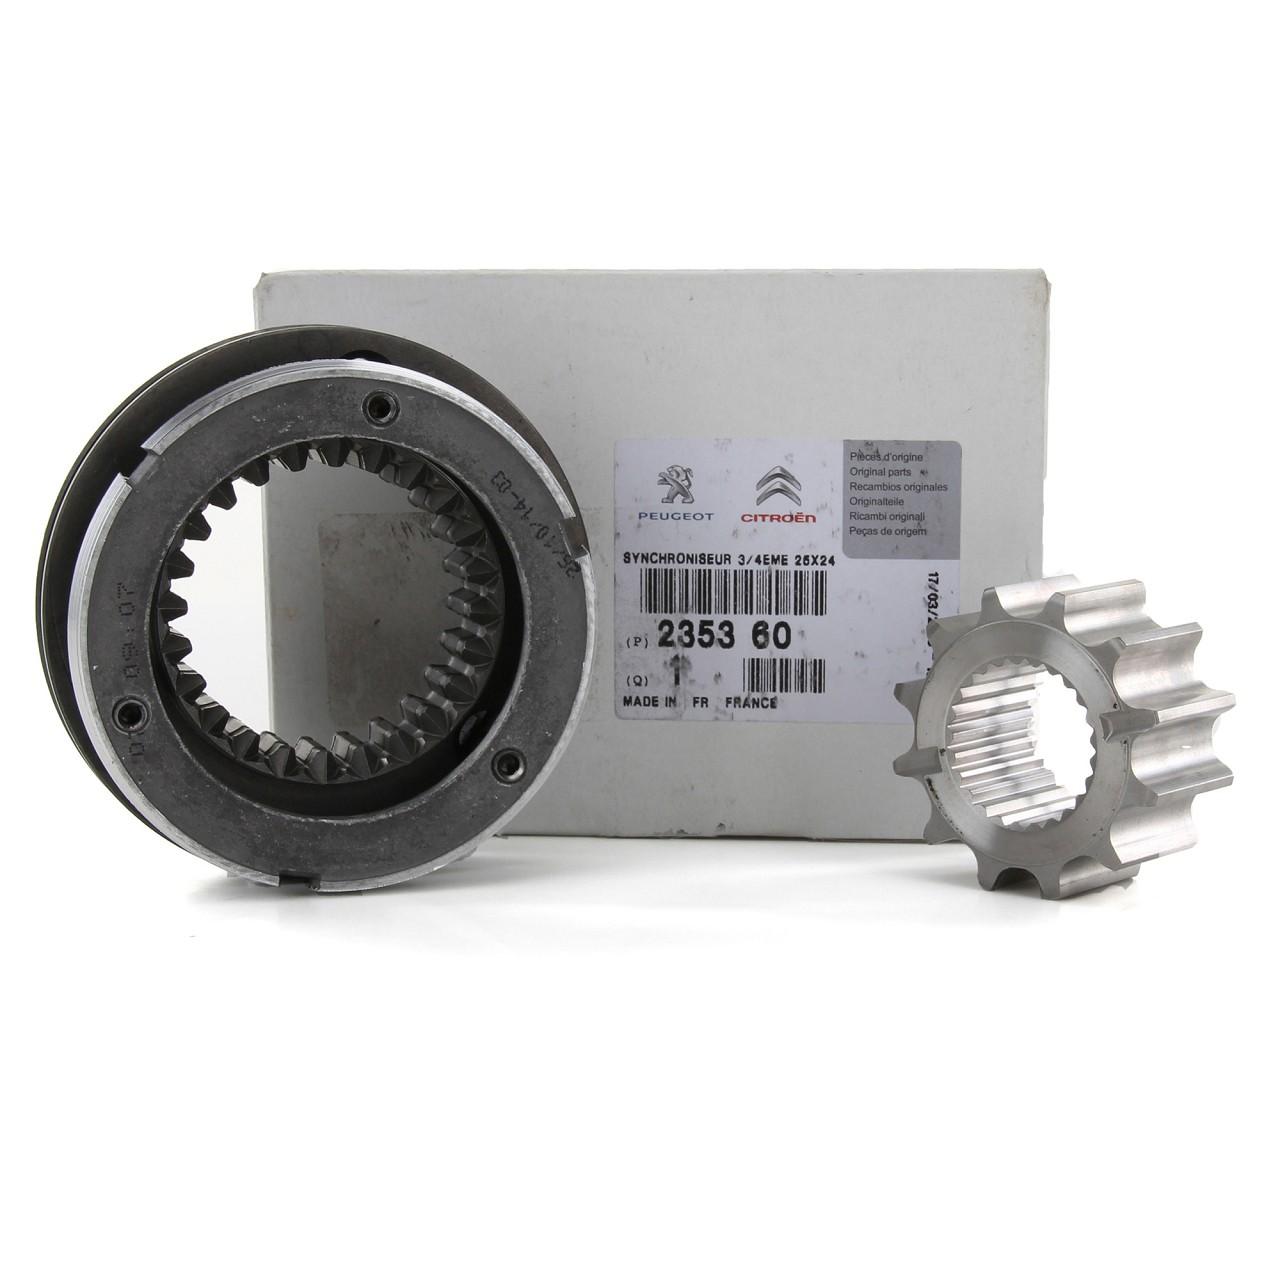 ORIGINAL Citroen Peugeot Synchronring Schaltgetriebe 2353.60